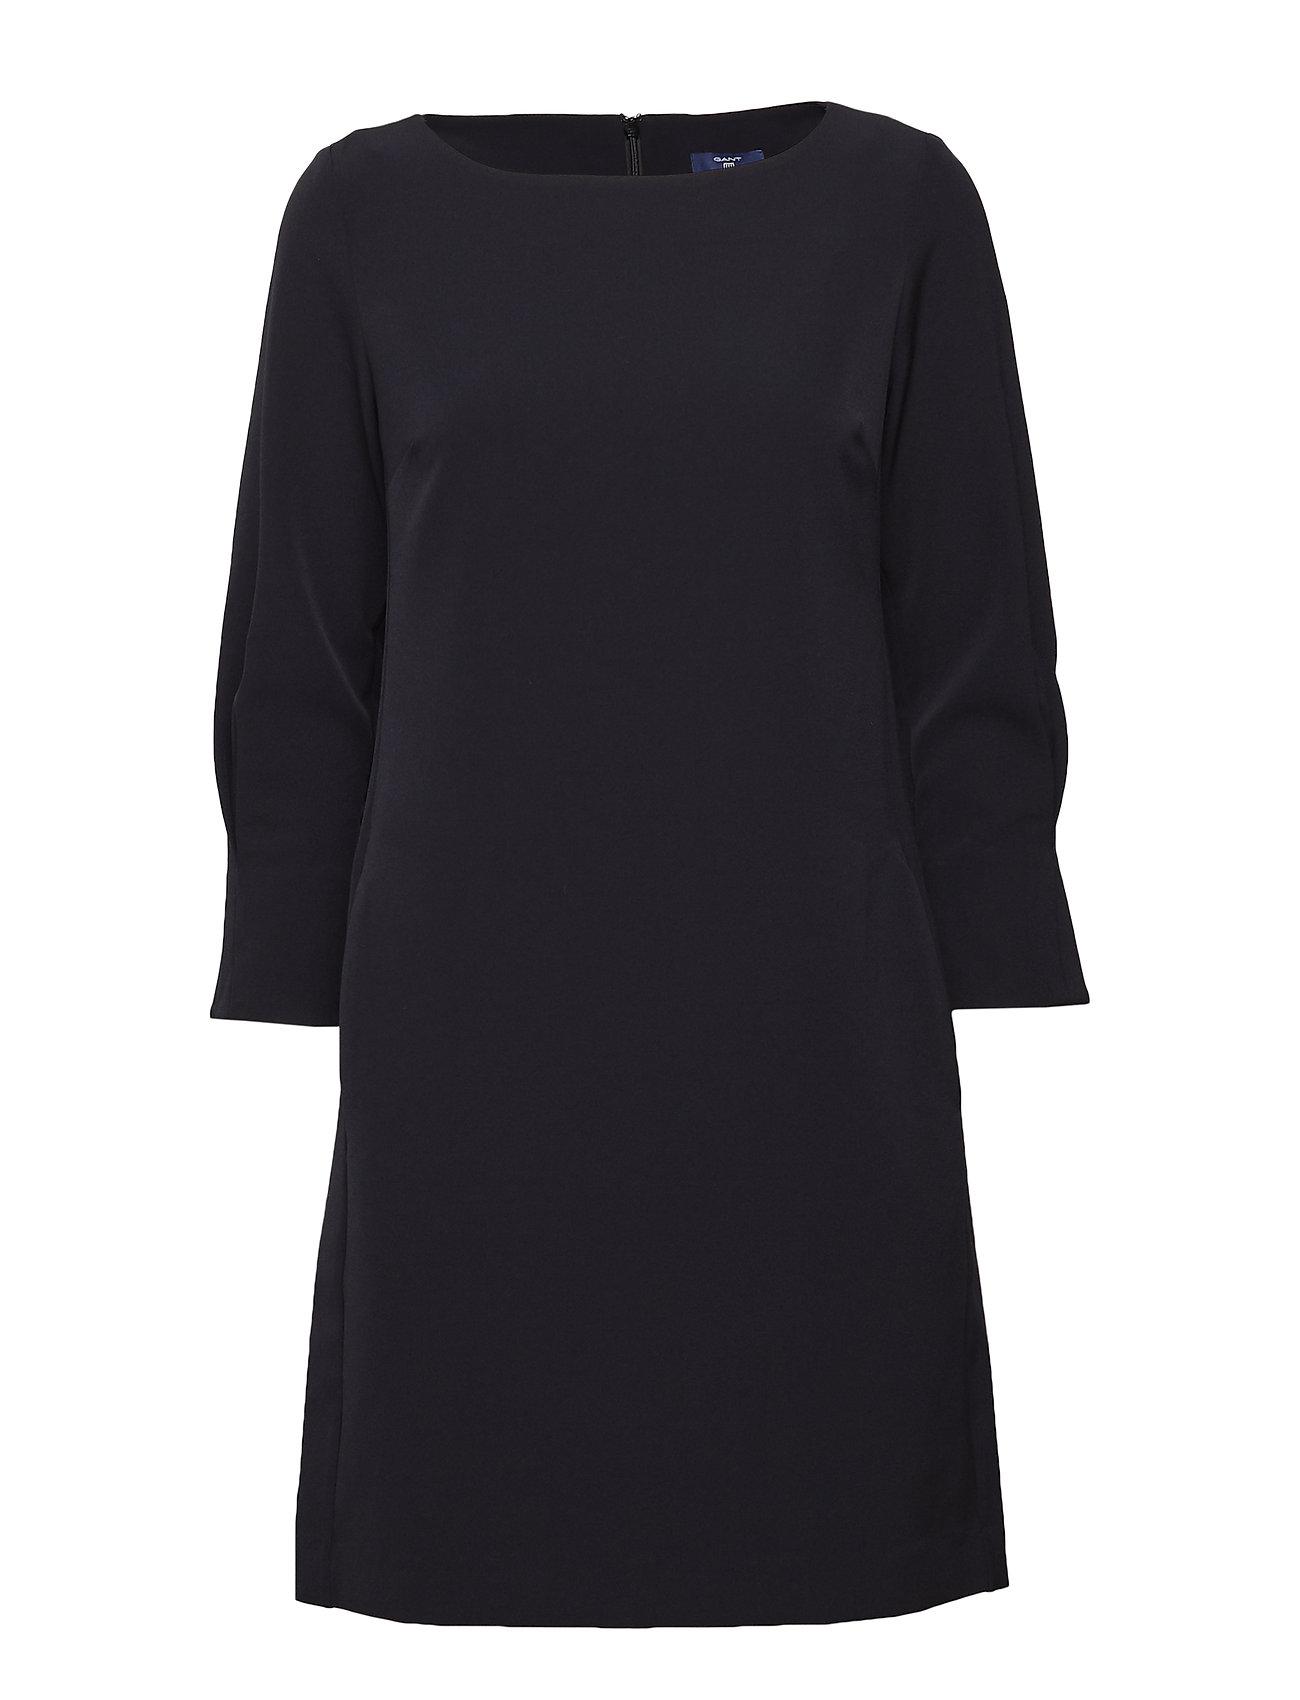 GANT O1.LITTLE BLACK DRESS - BLACK